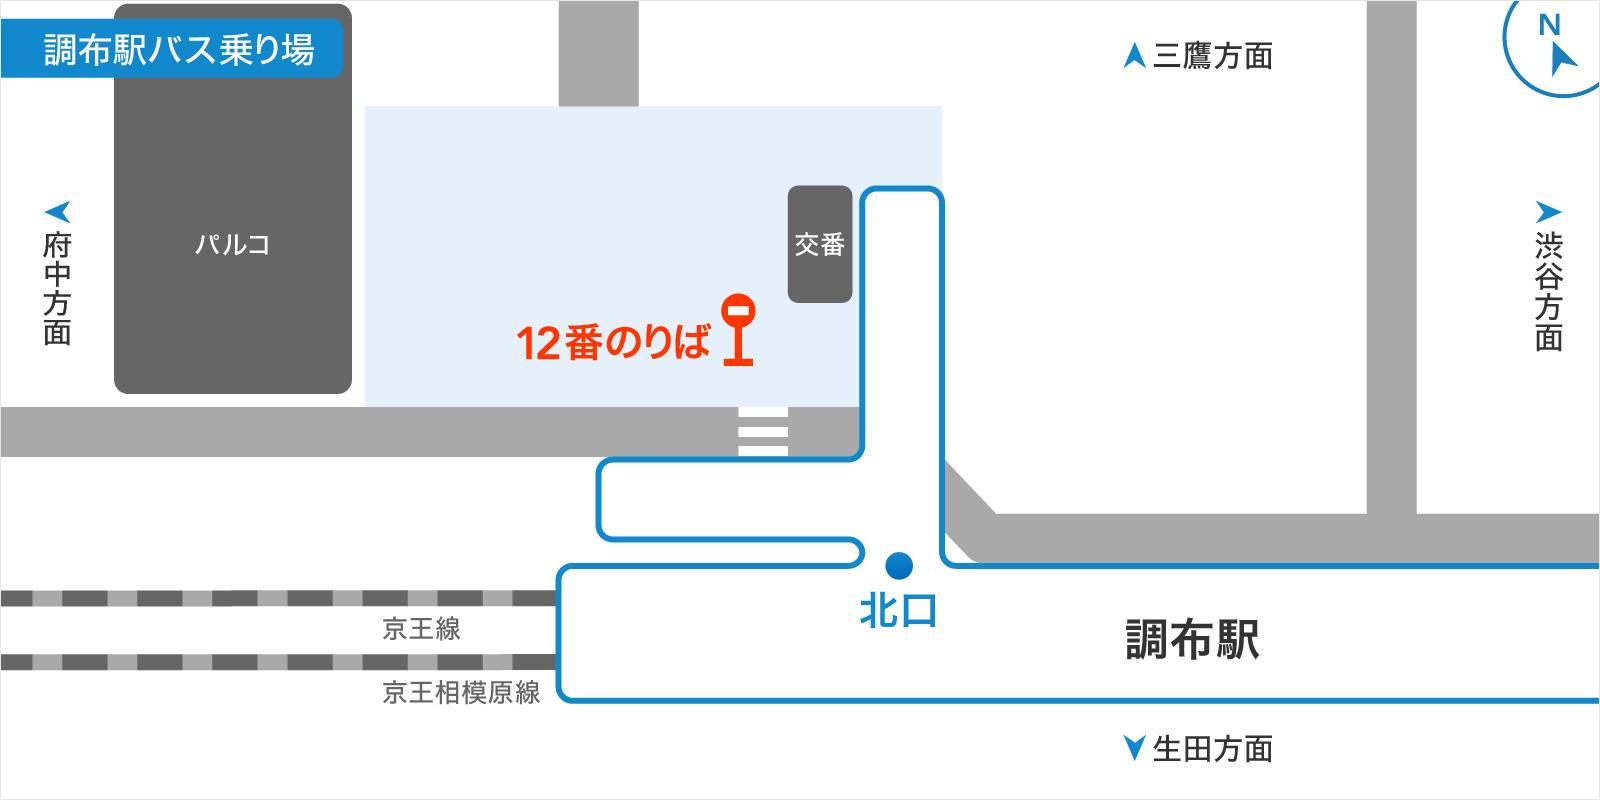 調布駅バス乗り場の画像